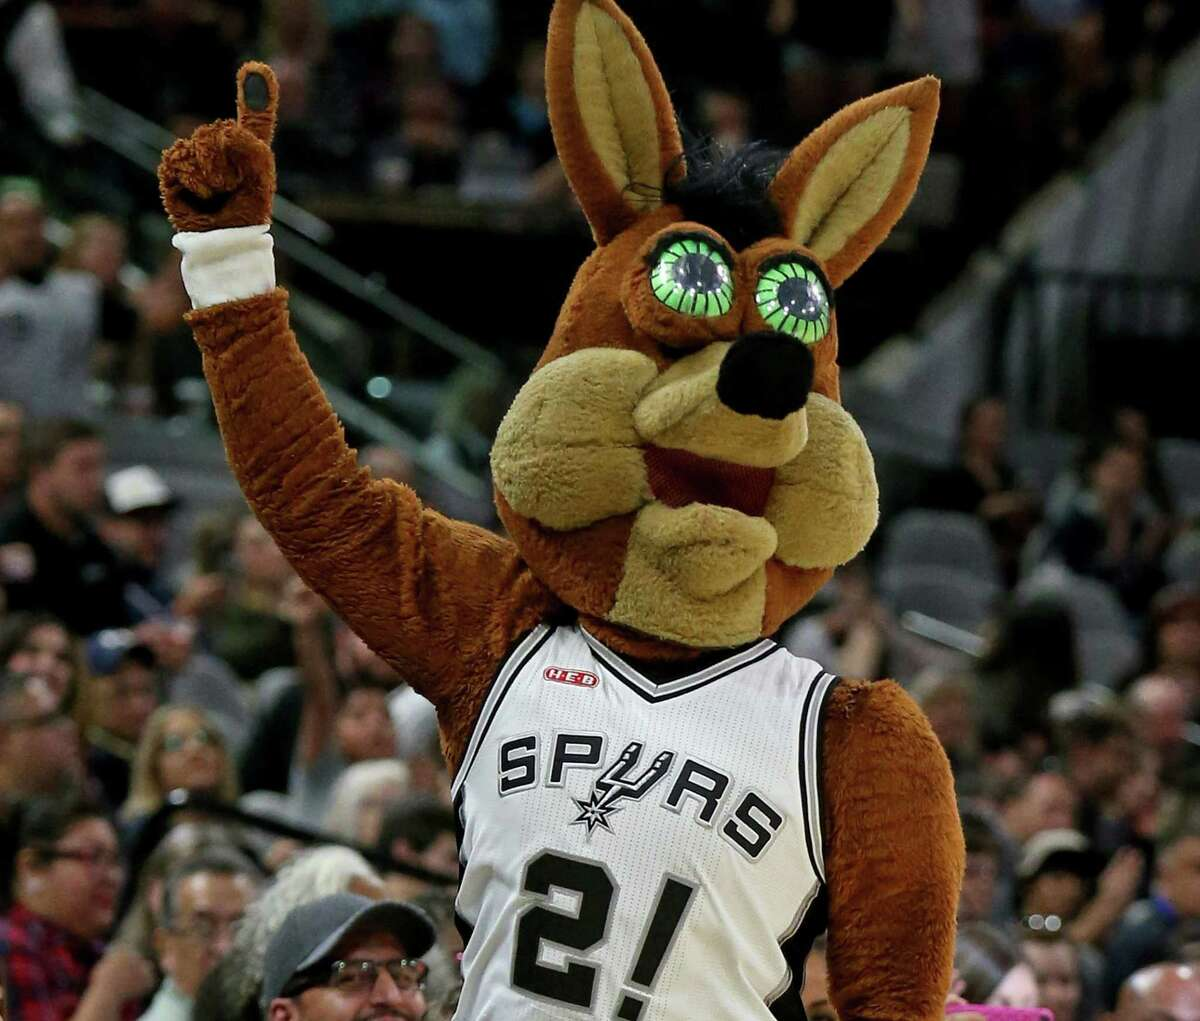 Los San Antonio Spurs interpretan a Coyote durante su partido de pretemporada con los Houston Rockets el 21 de octubre de 2016 en el AT&T Center.  La mascota es amada por los fanáticos de los Spurs.